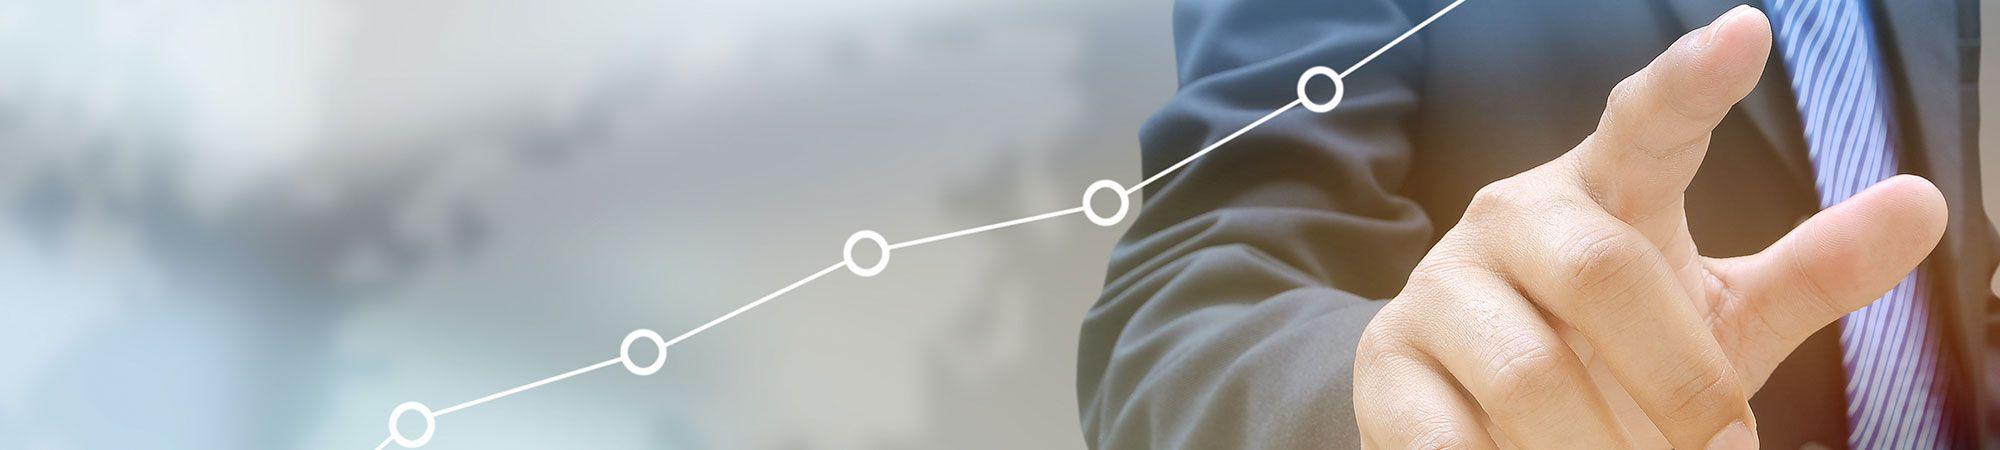 Unsere Referenzen für Cloud und digitale Transformation